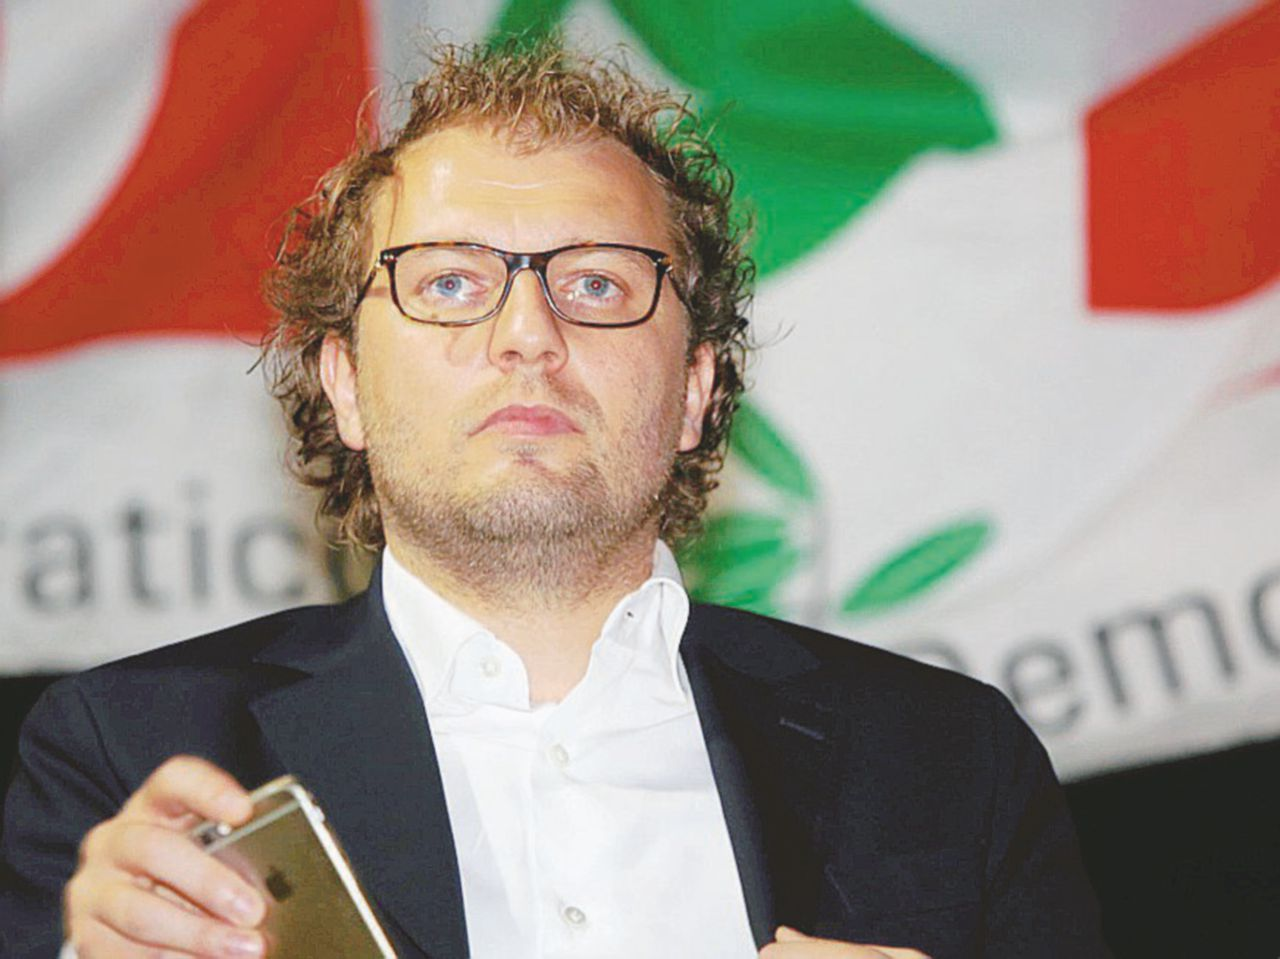 E Renzi attacca: vogliono solo dare la spallata al governo